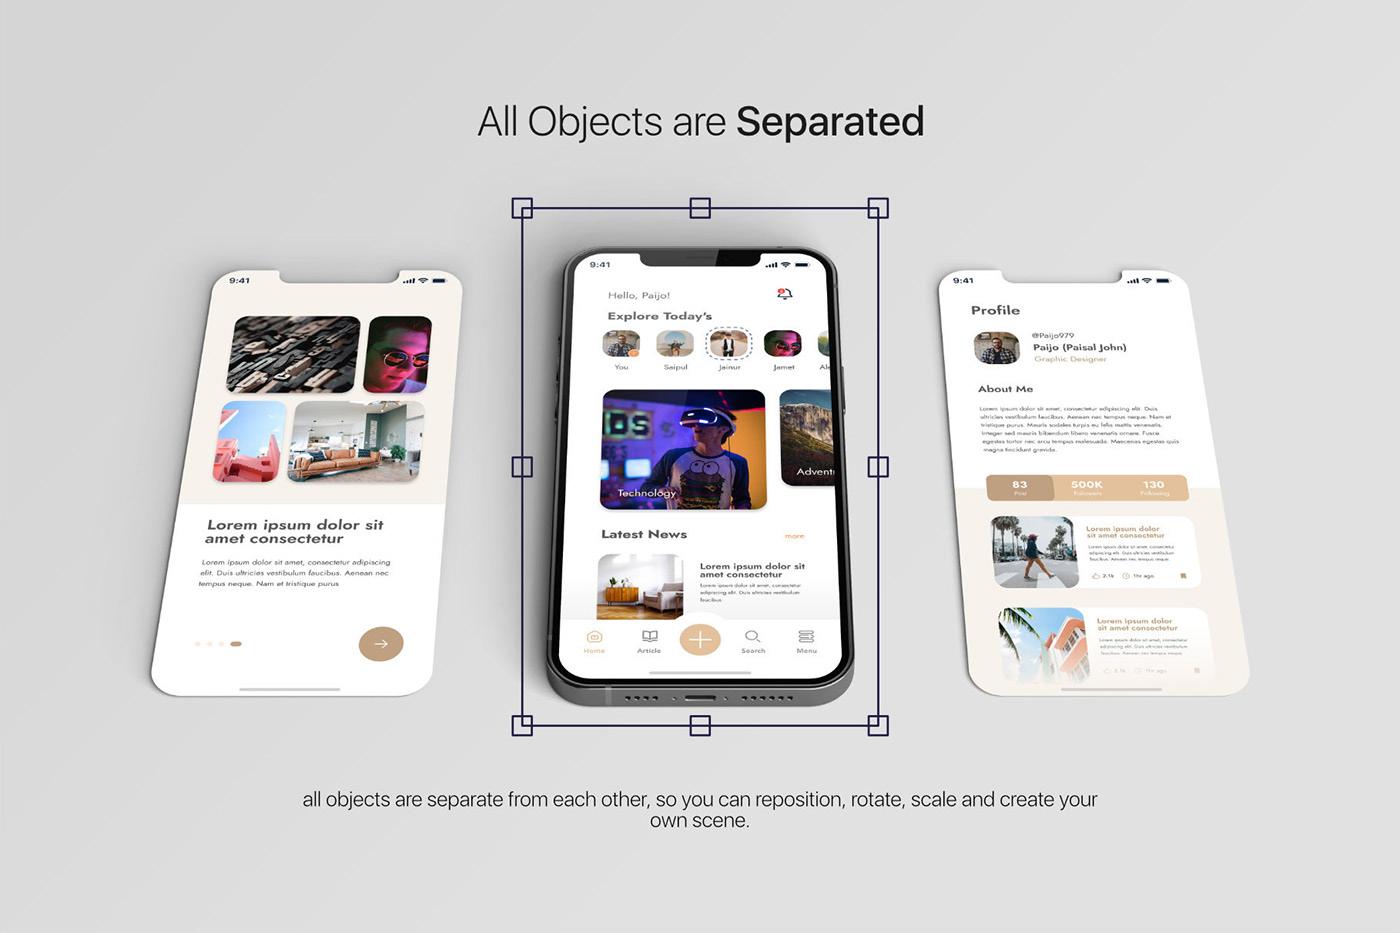 15个自适应网页APP界面设计苹果设备屏幕演示样机模板 UI/UX App Presentation – Phone & Notebook Mockup插图1